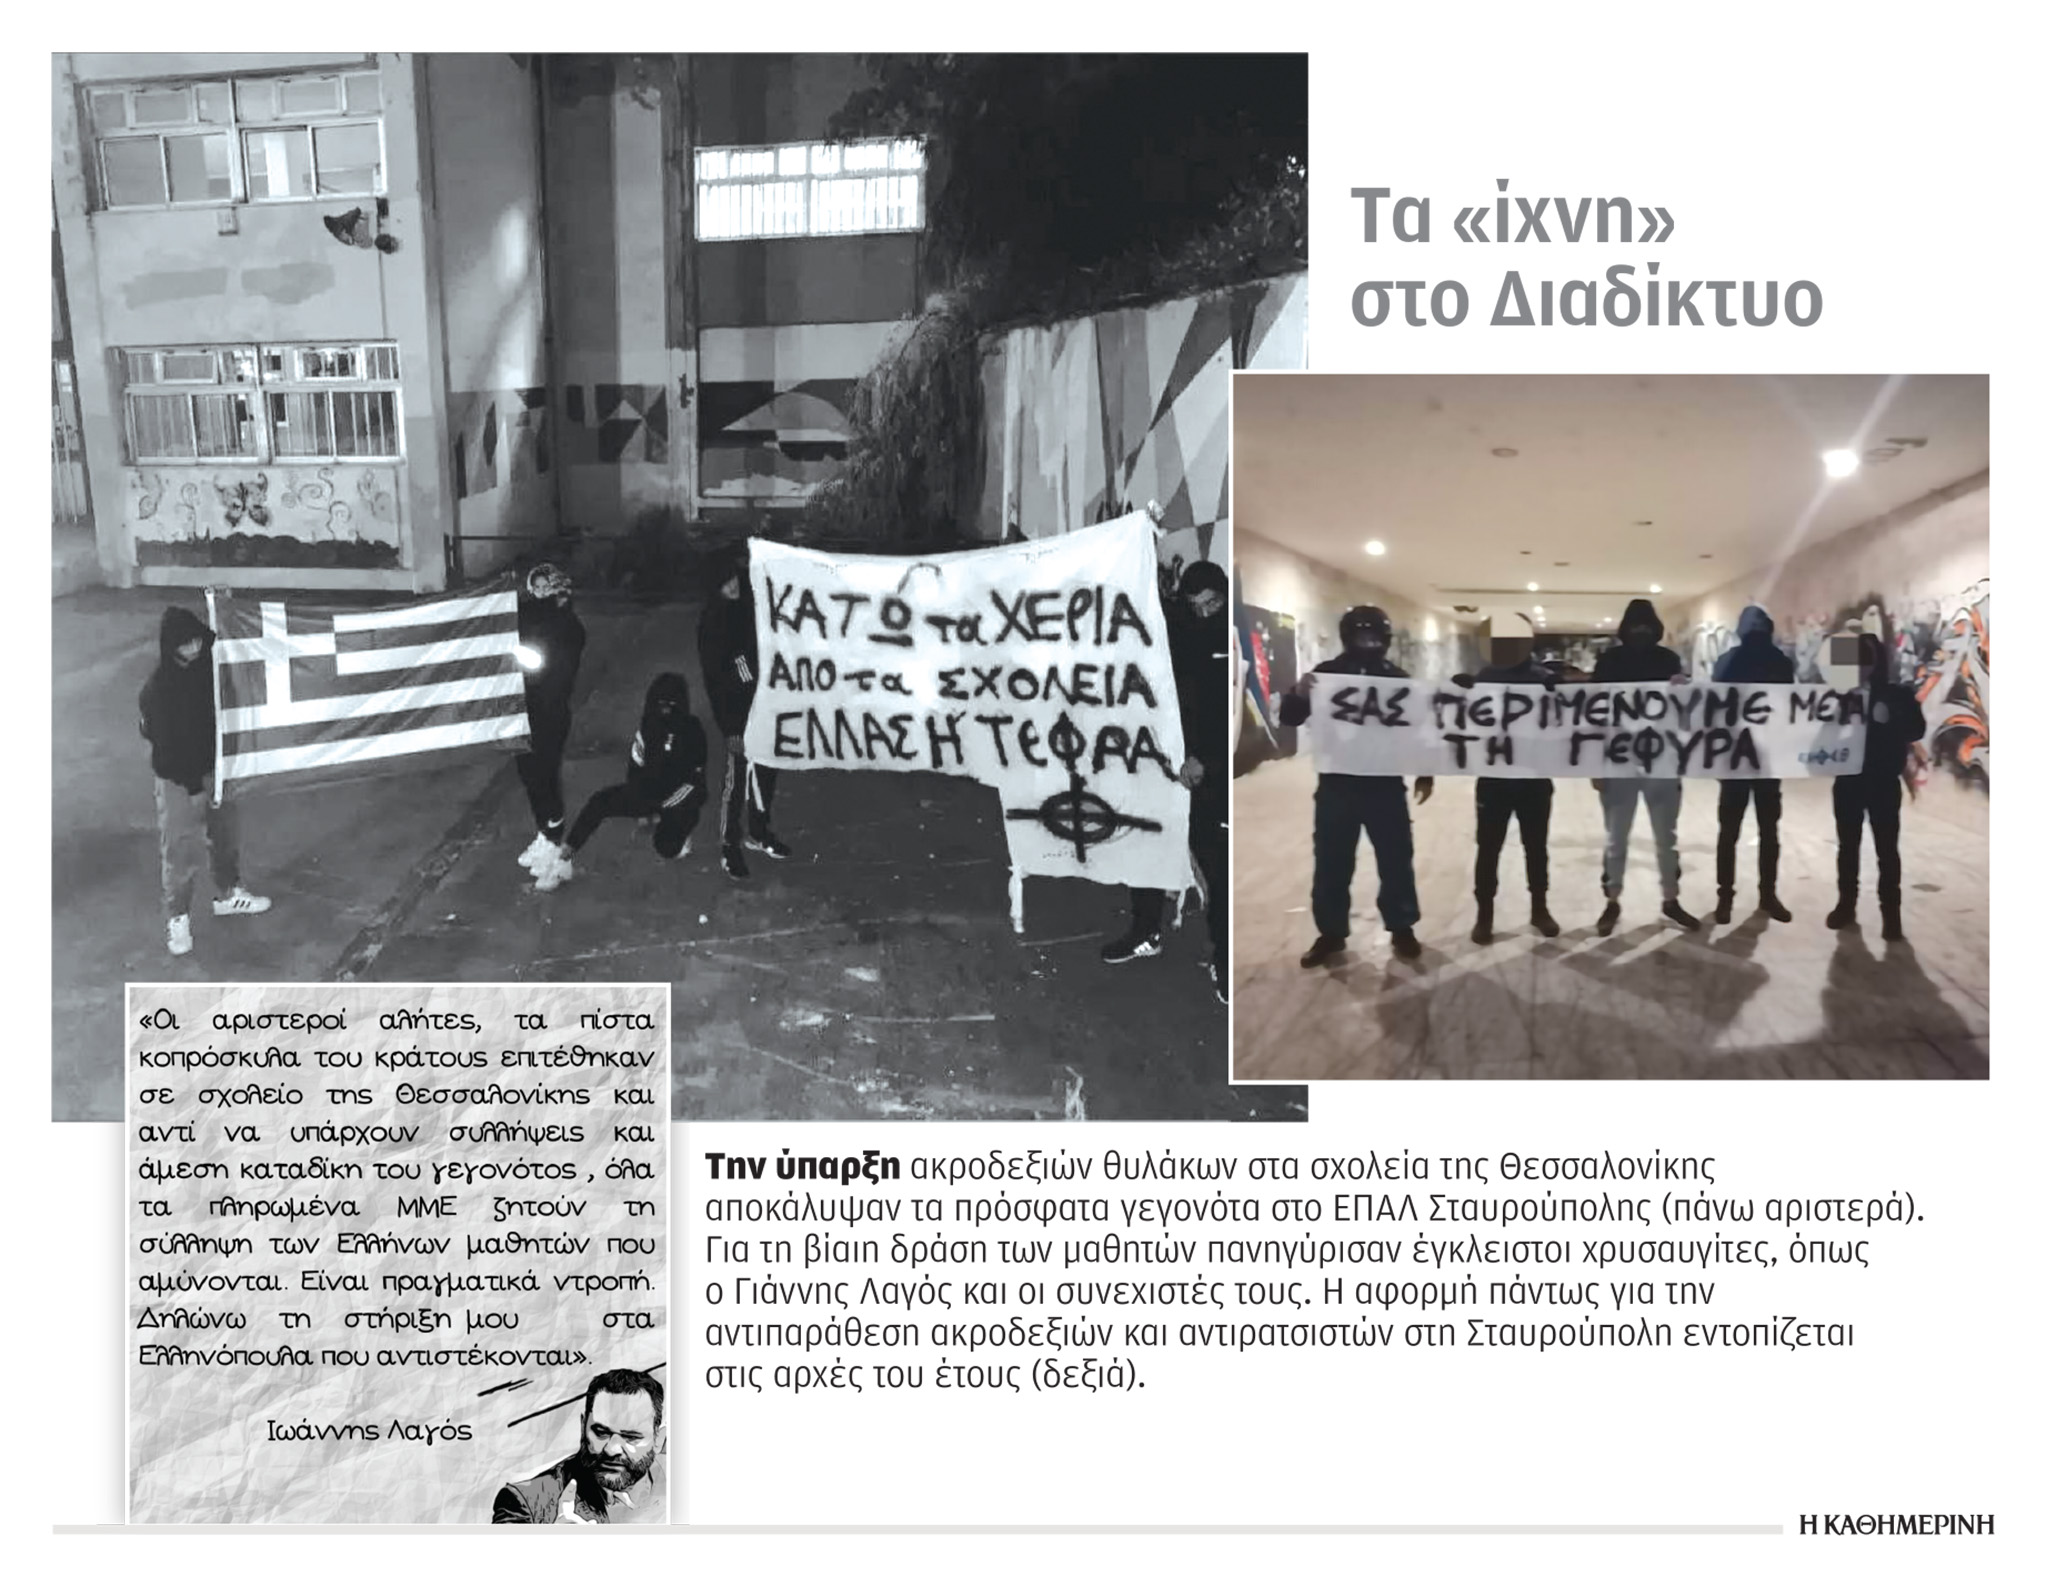 sta-chnaria-tis-chrysis-aygis1